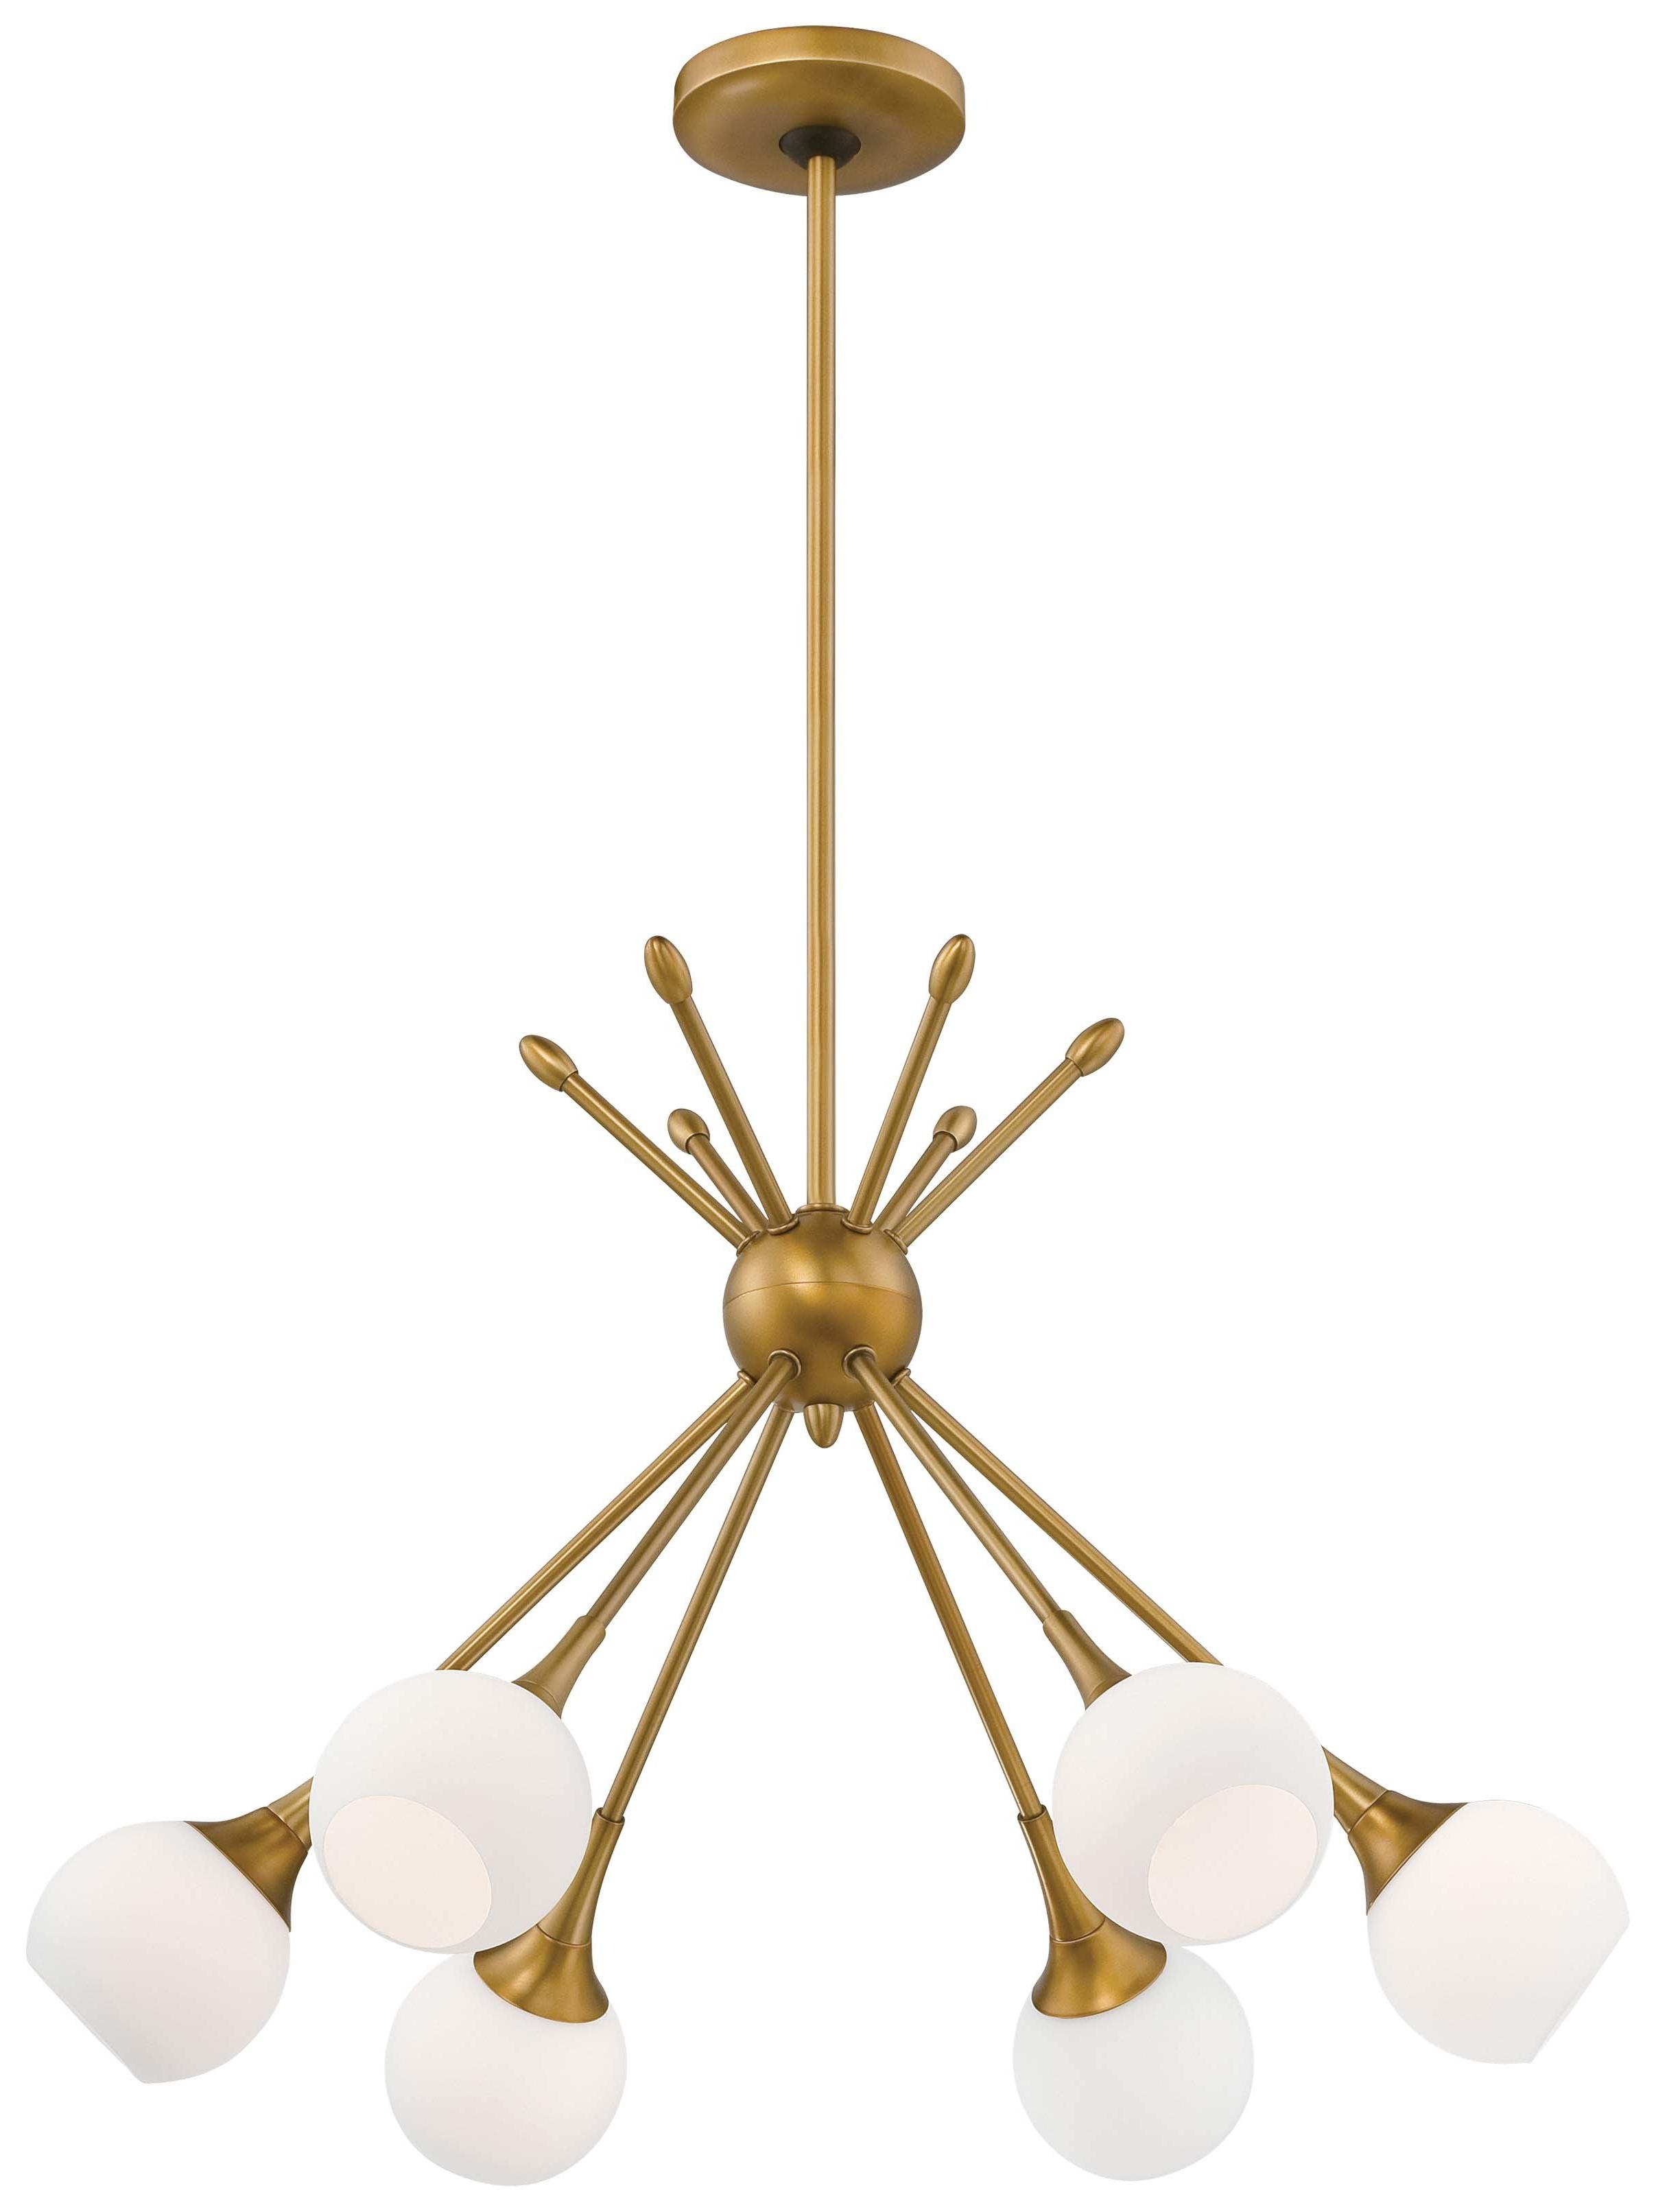 Widely Used Silvia 6 Light Sputnik Chandelier Intended For Everett 10 Light Sputnik Chandeliers (View 20 of 20)